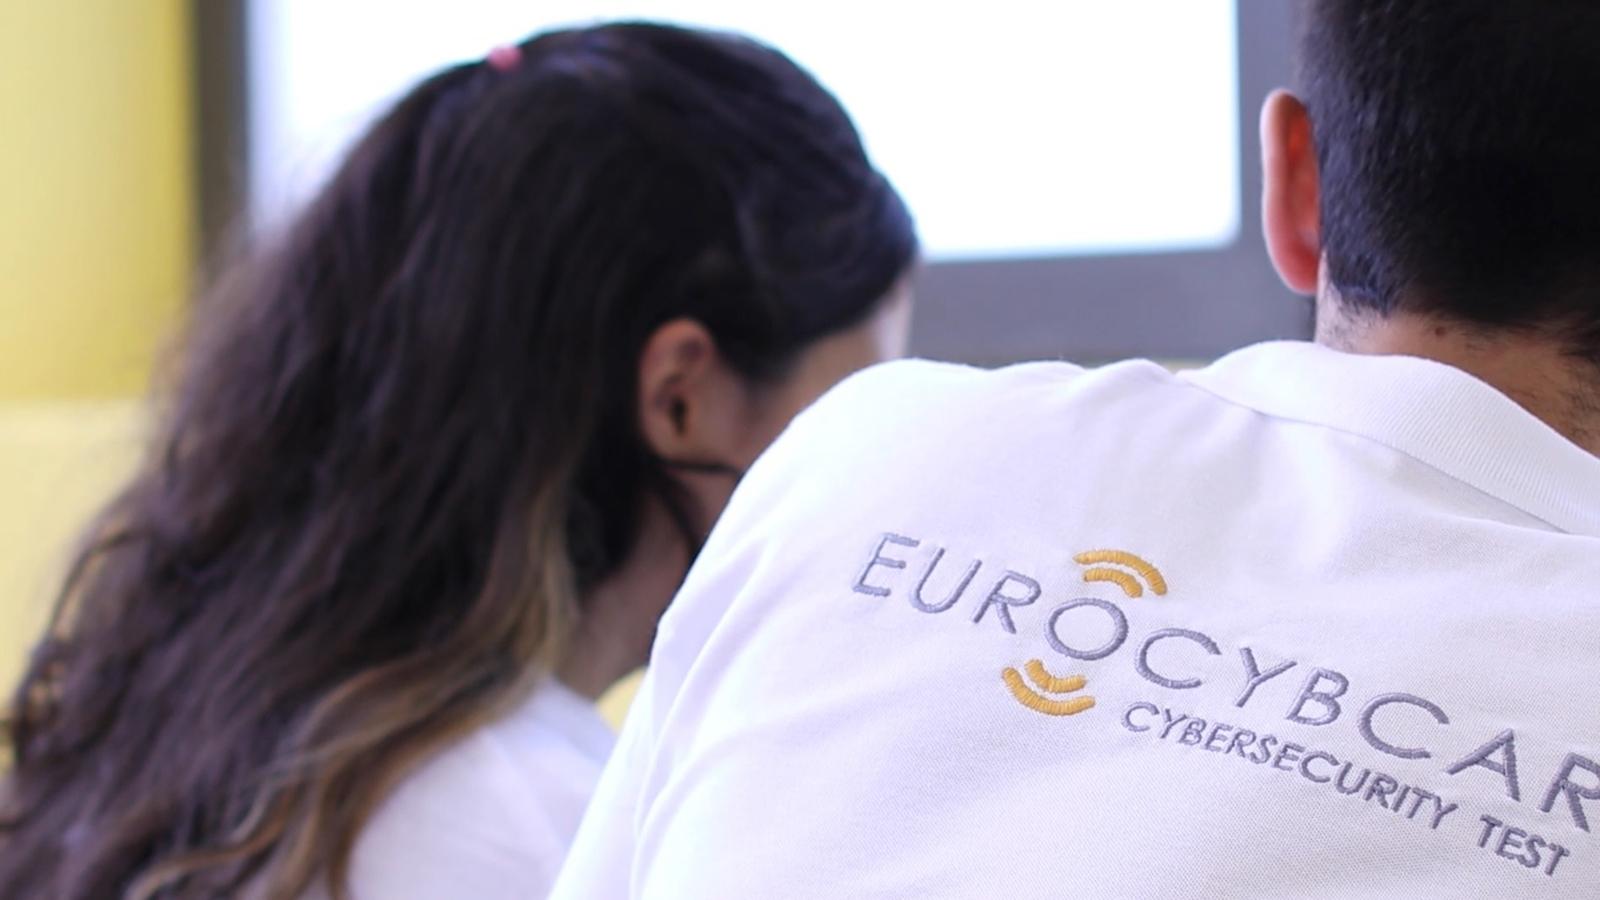 Eurocybcar Ciberseguridad Coches (3)